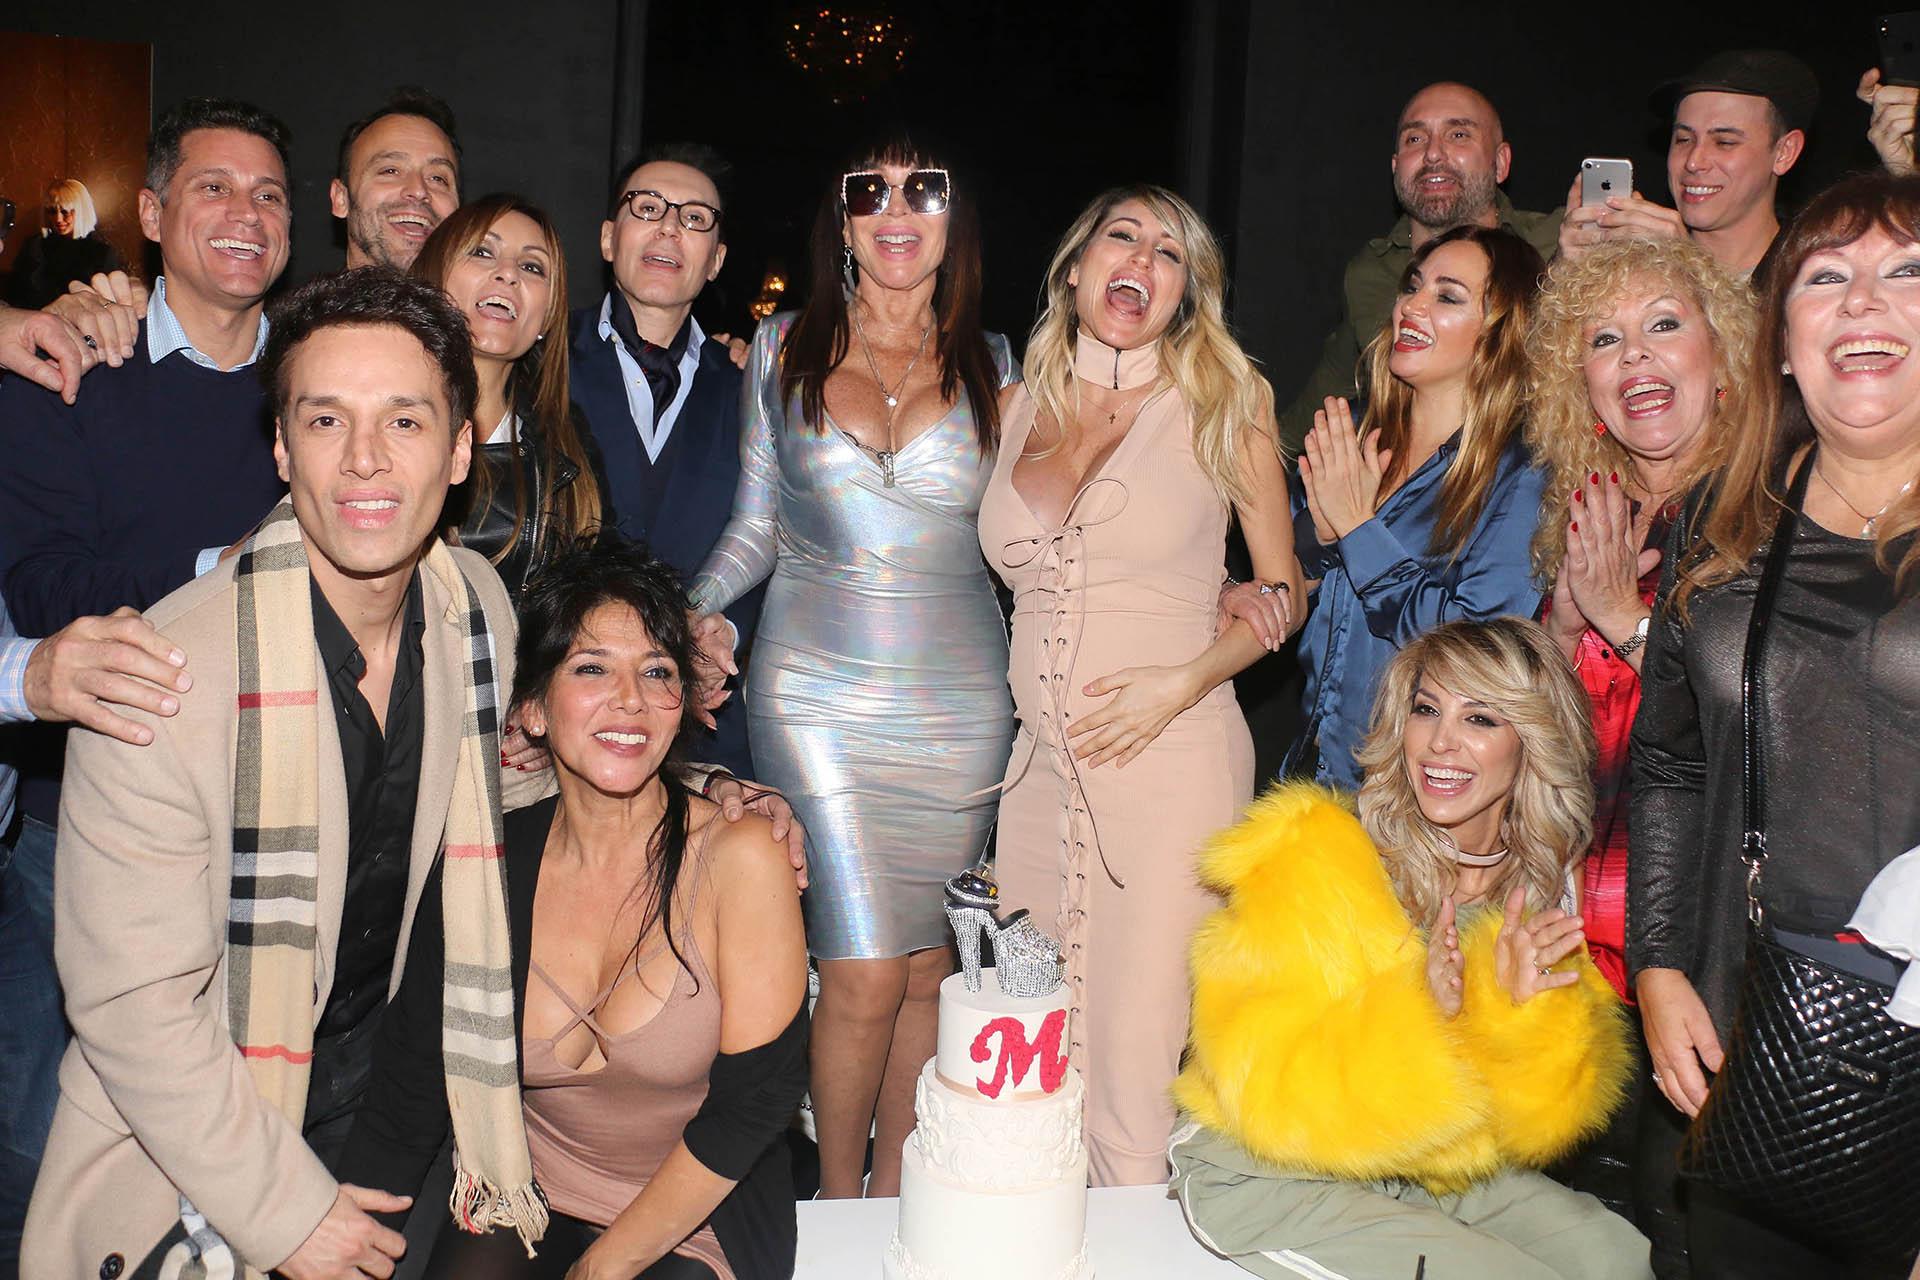 Moria Casán celebró su cumpleaños rodeada de amigos, como Belén Francese, Marcela Tauro, Adrián Pallares, Vicky y Stefy Xipolitakis, entre otros (Verónica Guerman / Teleshow)